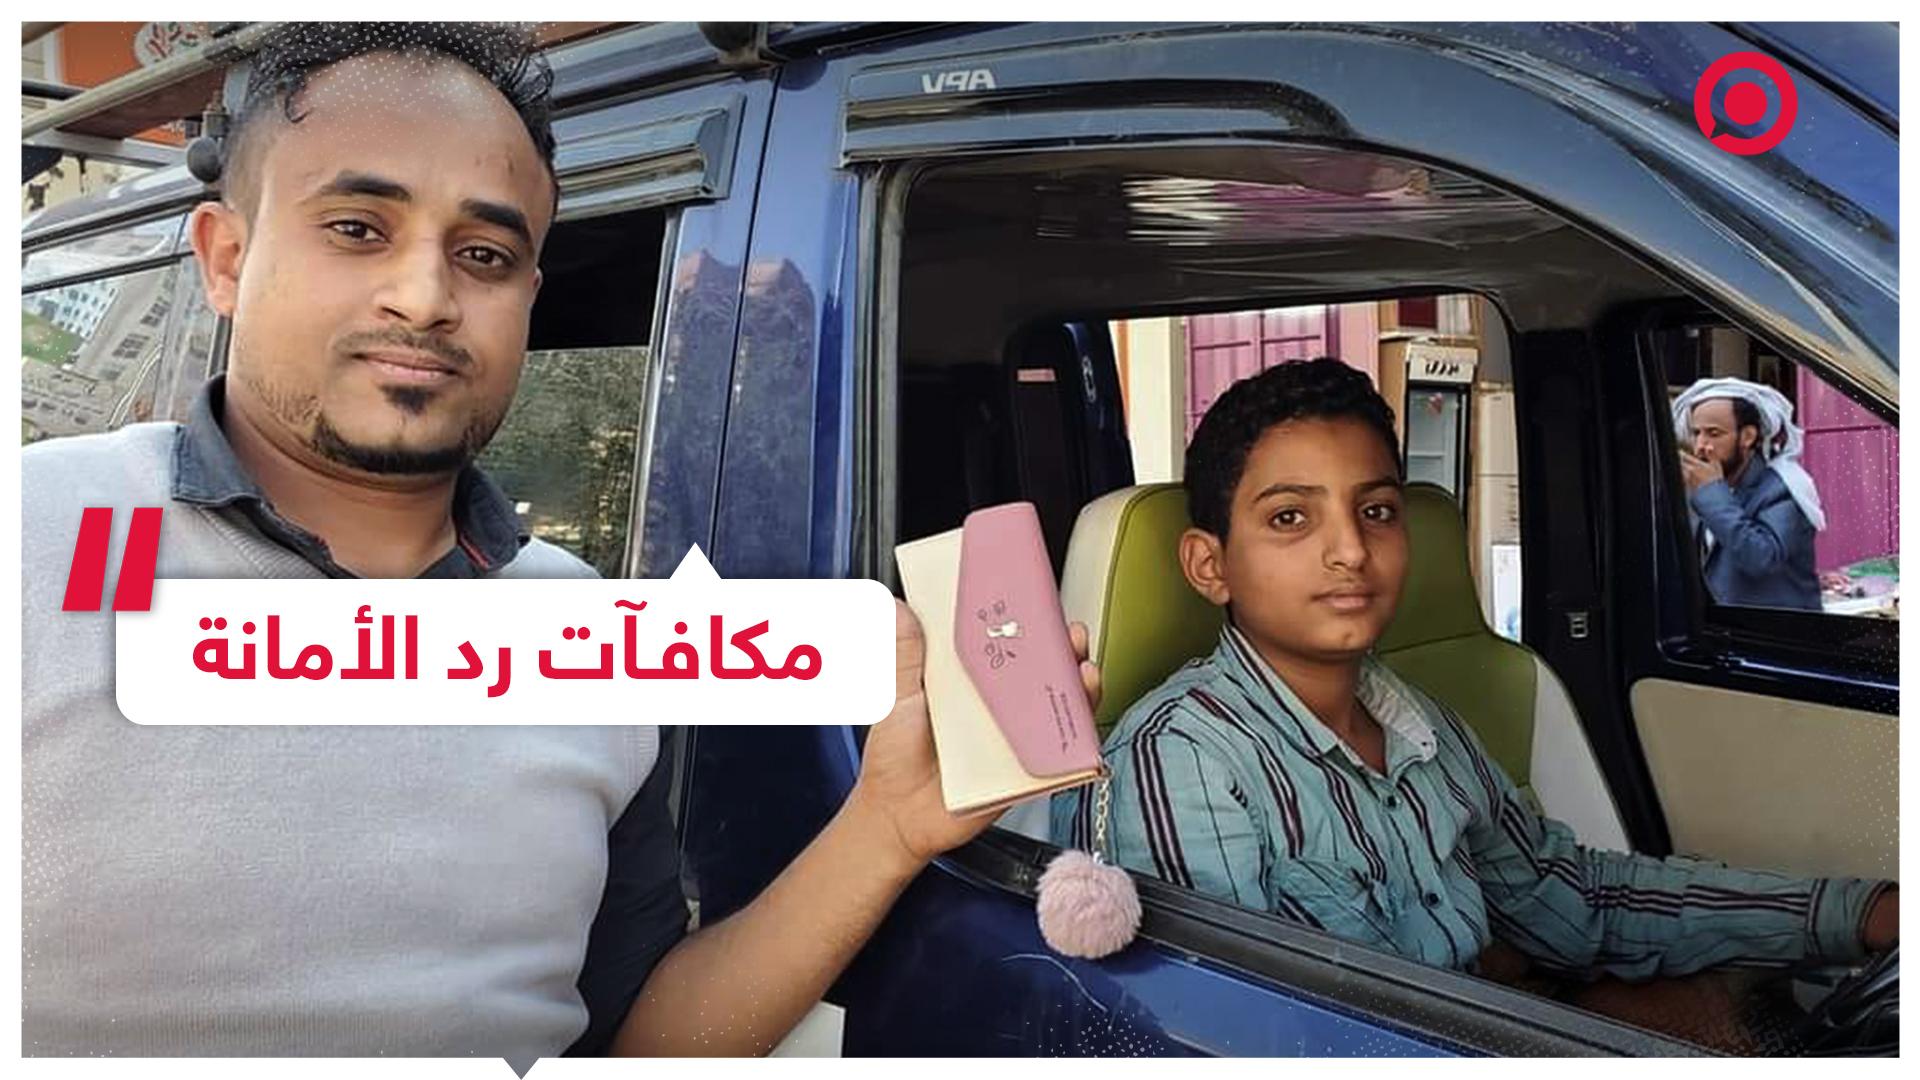 #اليمن #أمانة